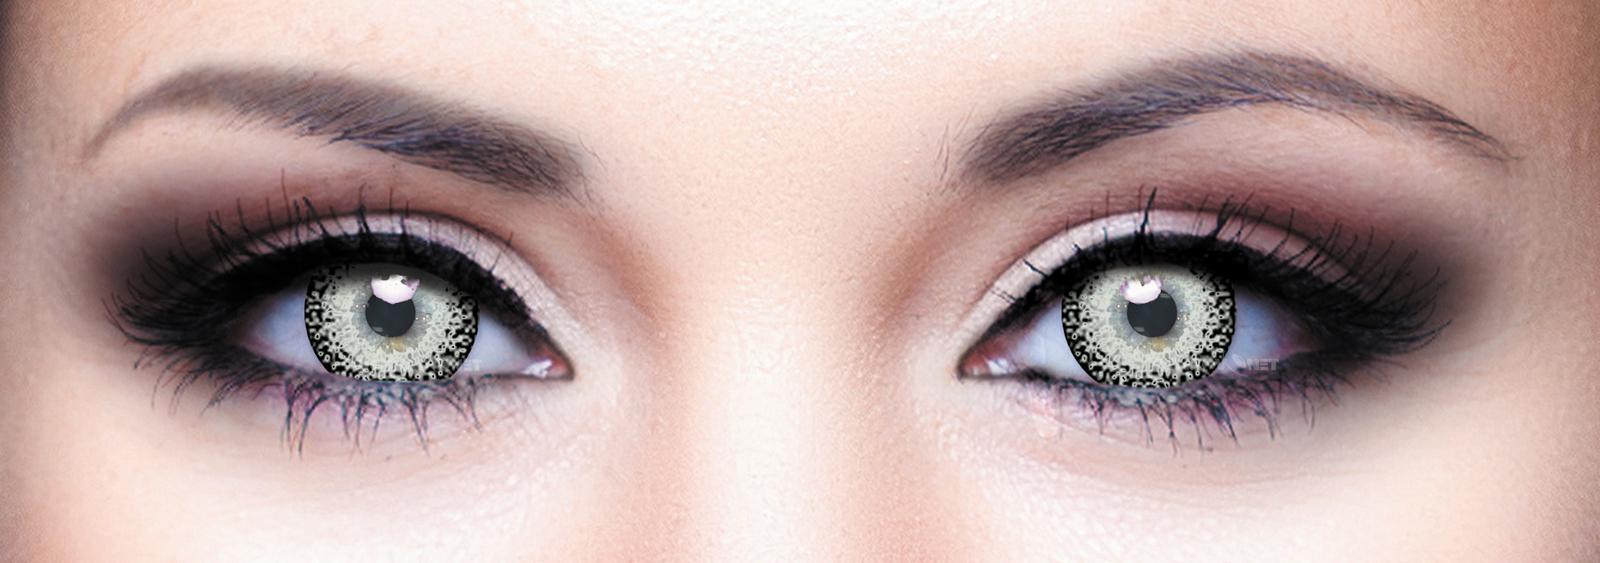 Контактные линзы Illusion Fashion Adonis Серый Grey (2 линзы)